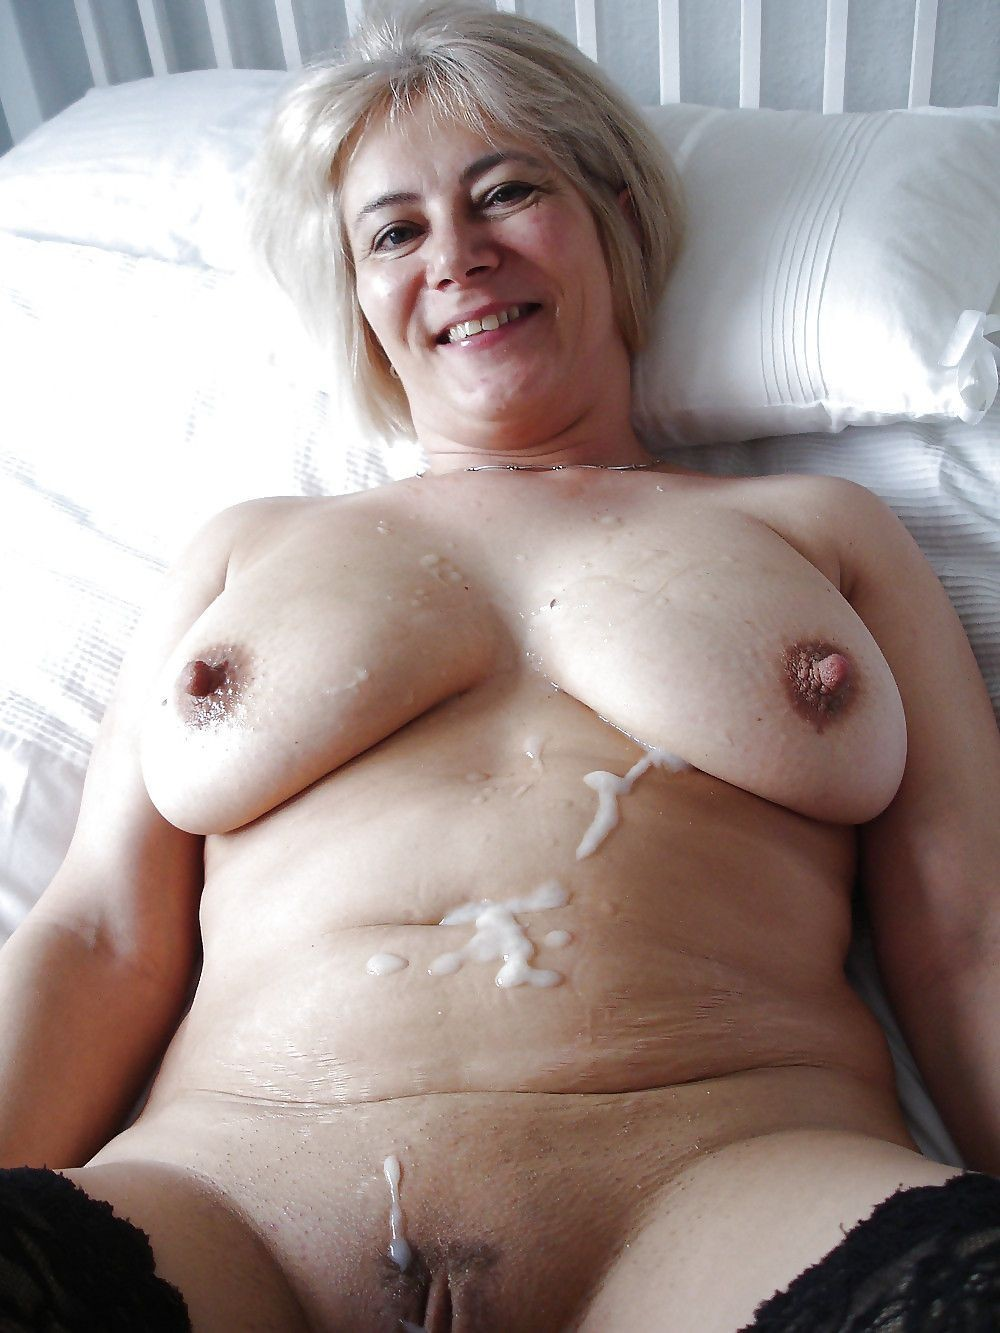 Maggie q nude pics